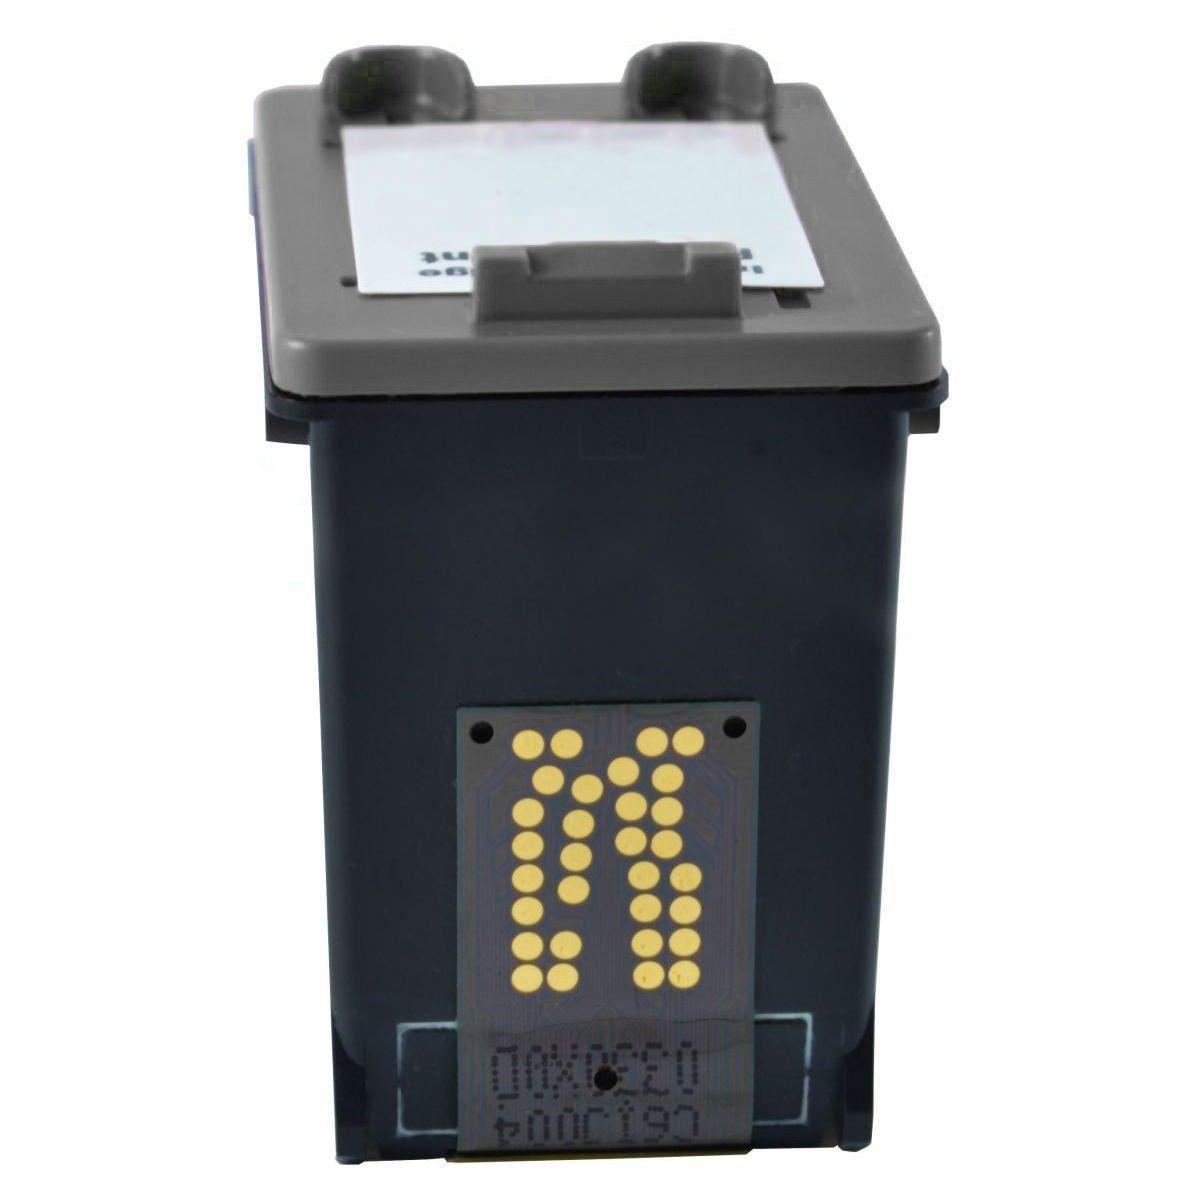 Compatível: Cartucho de Tinta 92 para HP C3180 PSC-1510 1507 5440 C3100 D4100 6210 3500 PSC1510 3180 / Preto / 6ml